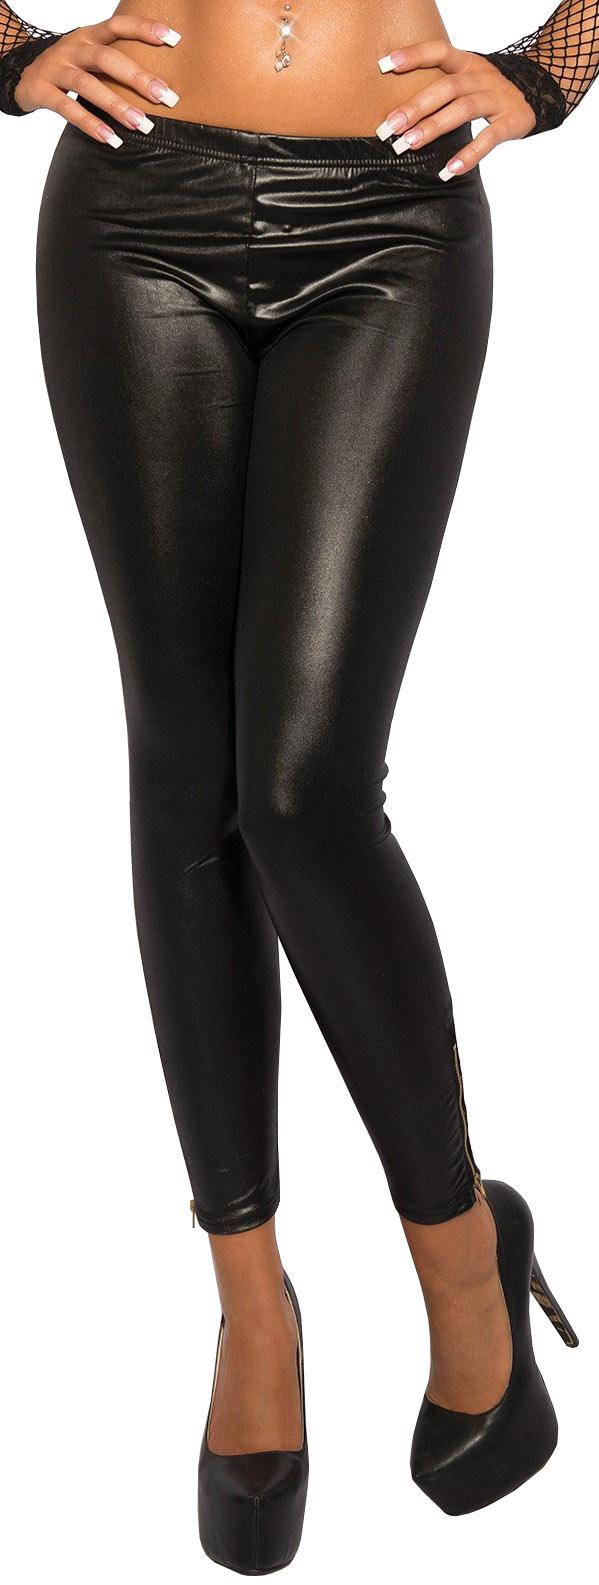 Leggins Clubwear mesh Hose Damen Wetlook-Leggings mit Netzeinsätzen S-L